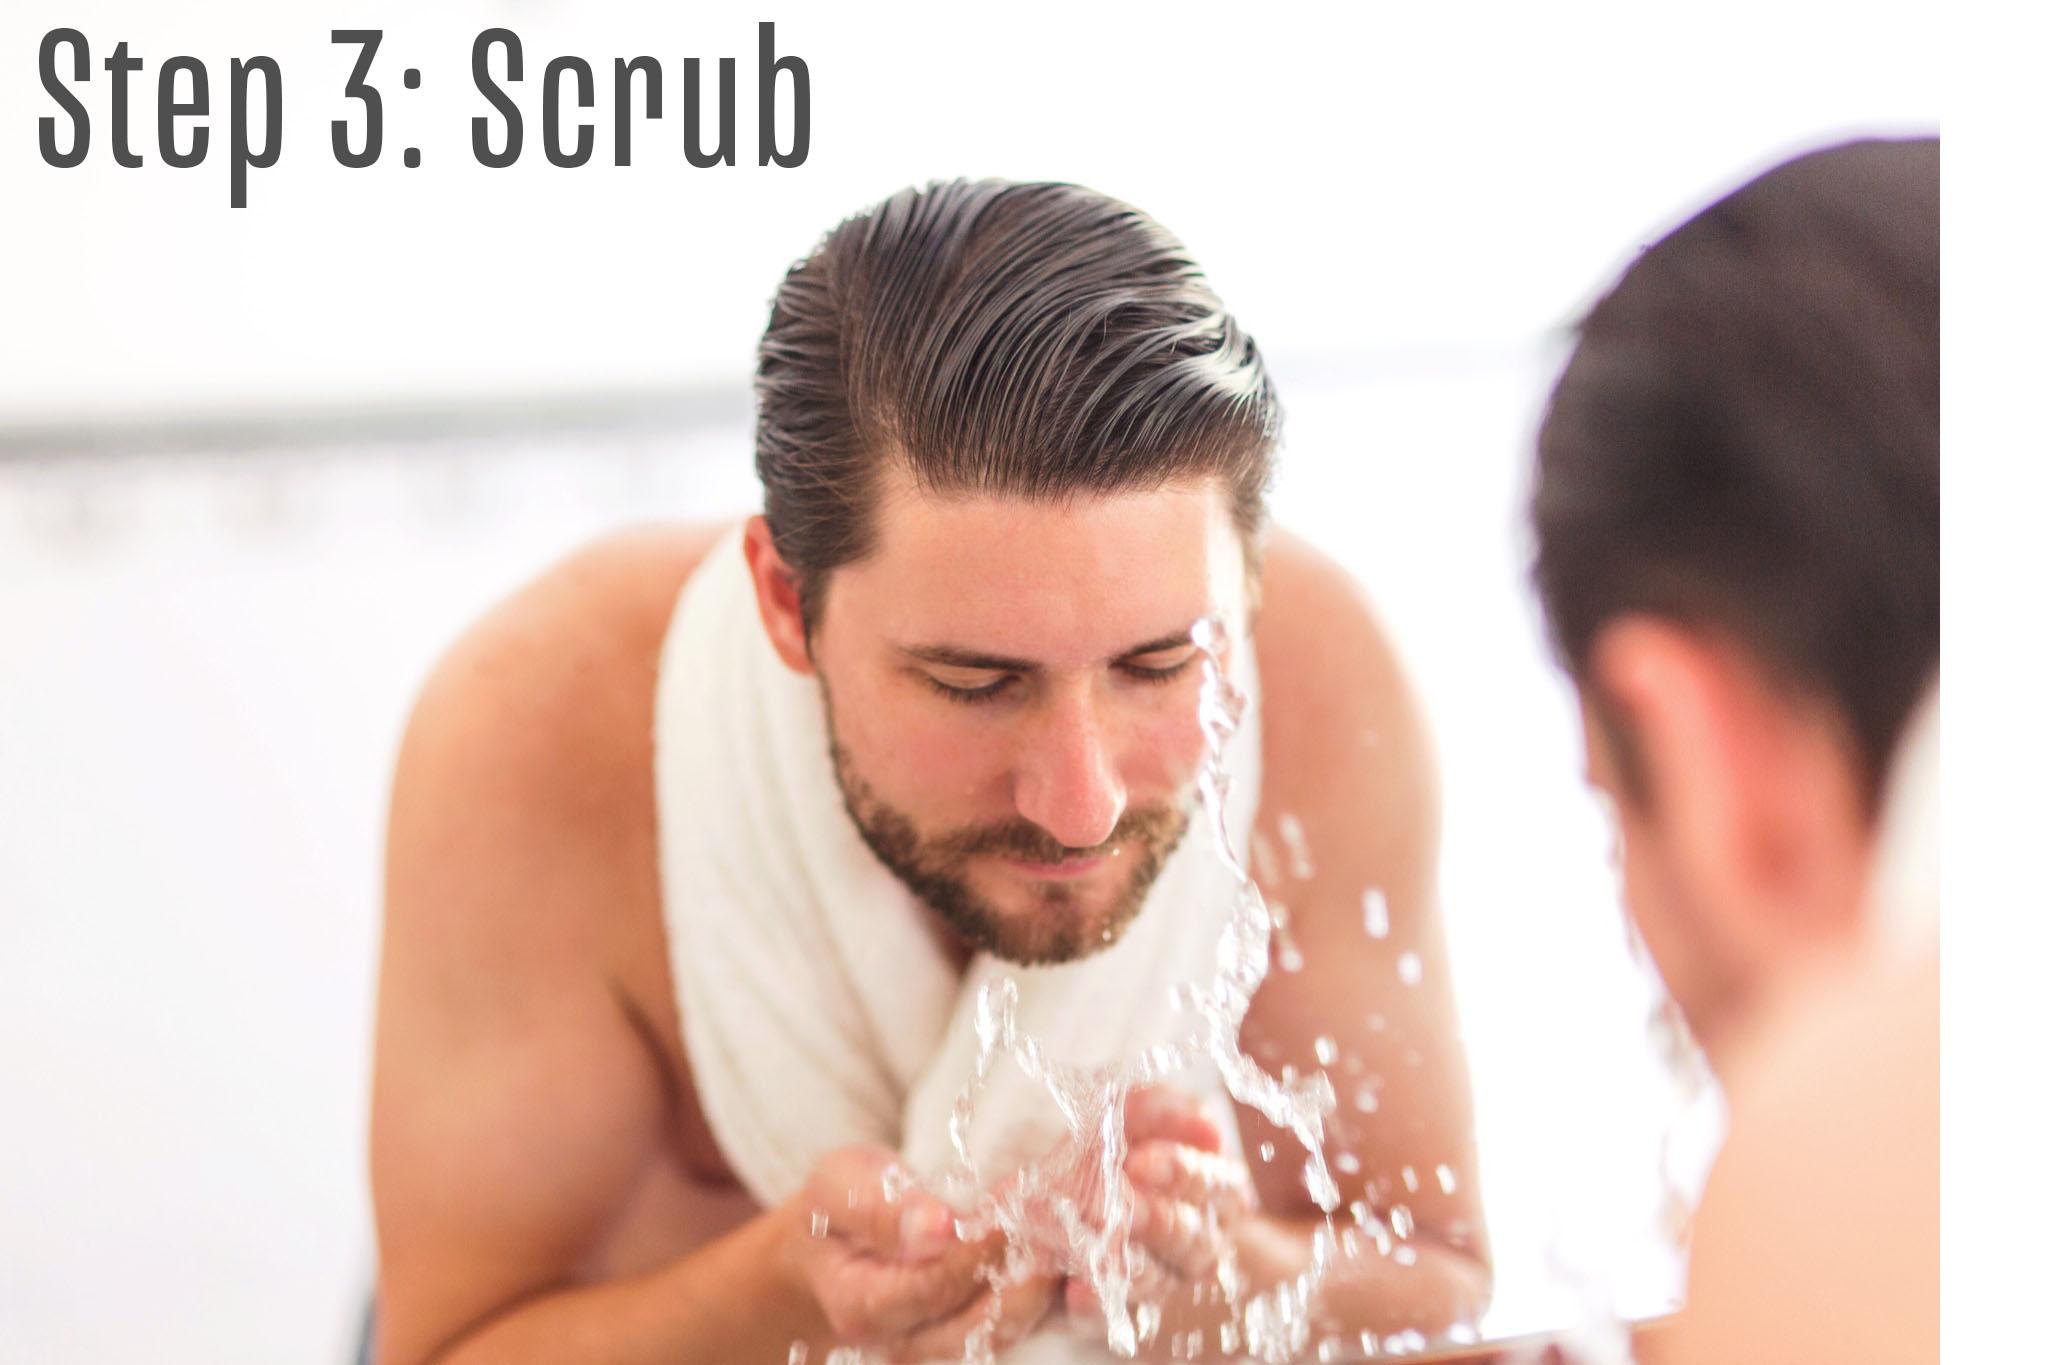 Step 3: Scrub